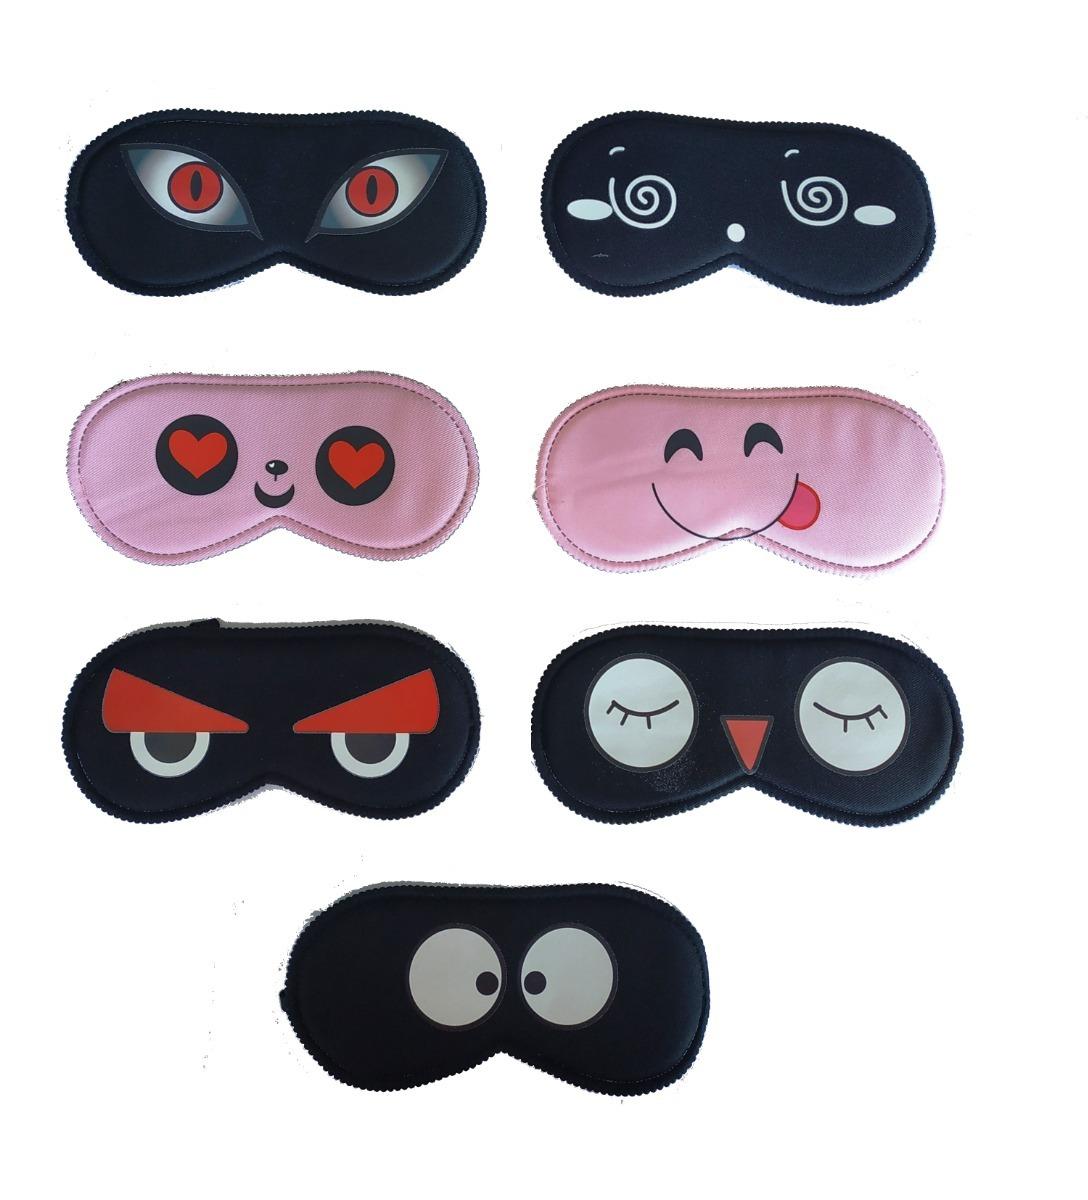 Antifaz para dormir descansar viajar avion cubre ojos nariz cargando zoom  jpg 1088x1200 Antifaces para dormir 3ac74d3df96